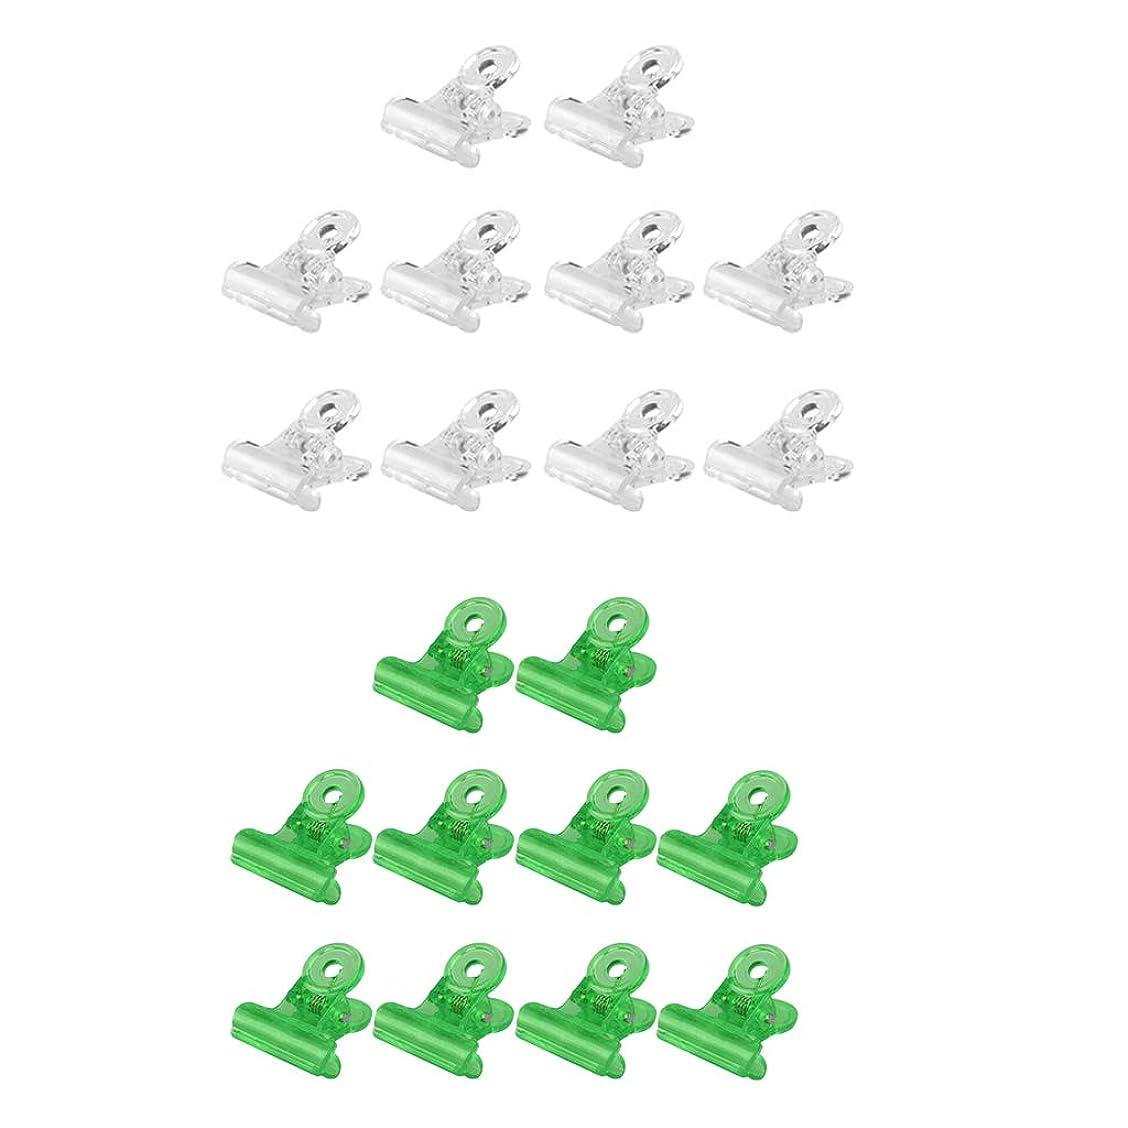 おそらく場合和Perfeclan ネイルクリップ オフ ジェルネイルポリッシュ クリーナークリップ 再利用可能 20個セット 全3種 - グリーン+クリア